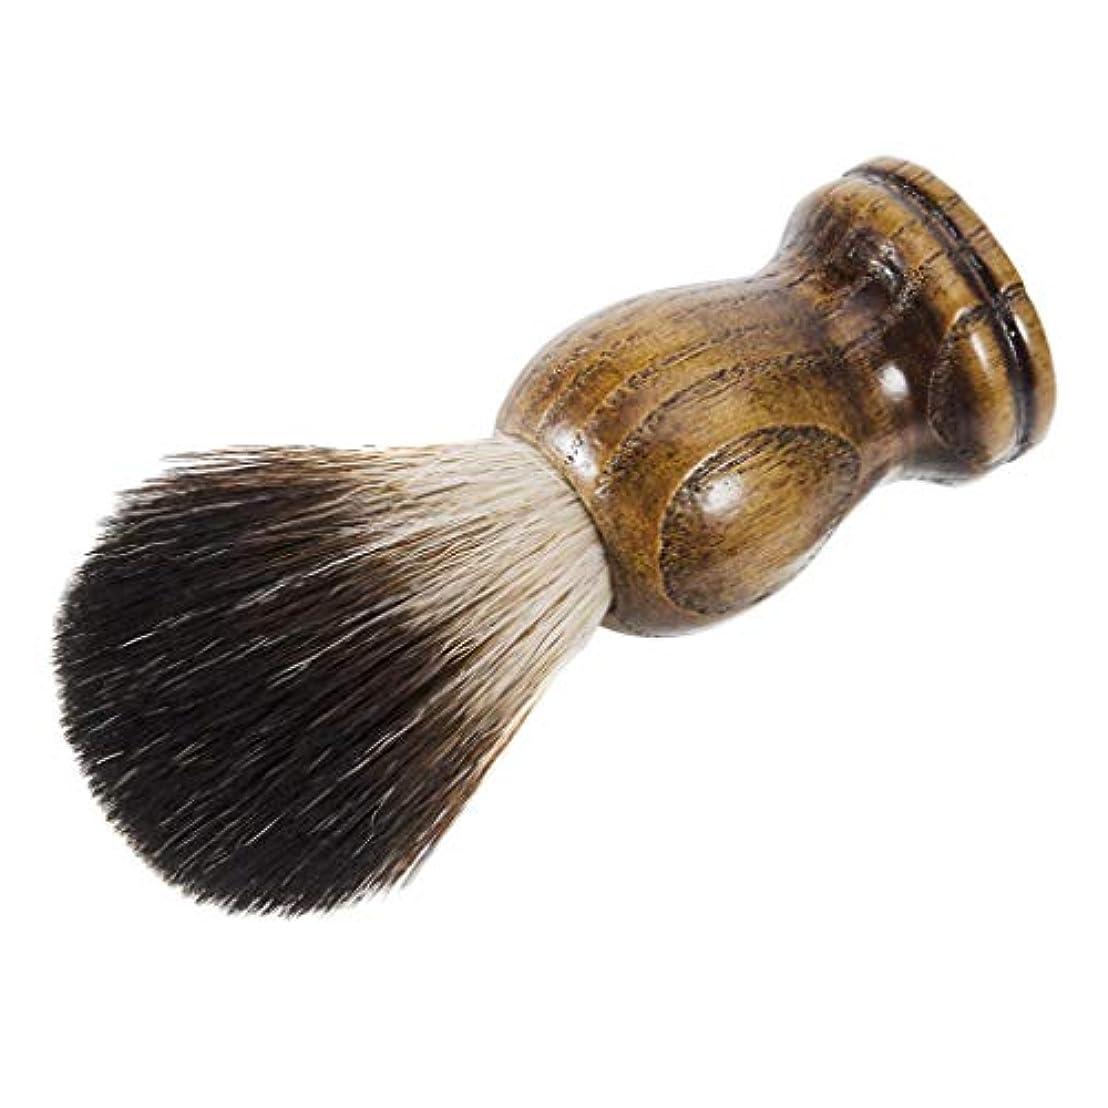 吸収メロドラマティック許可するひげブラシ シェービング ブラシ メンズ 理容 洗顔 髭剃り 泡立ち 父の日 贈り物